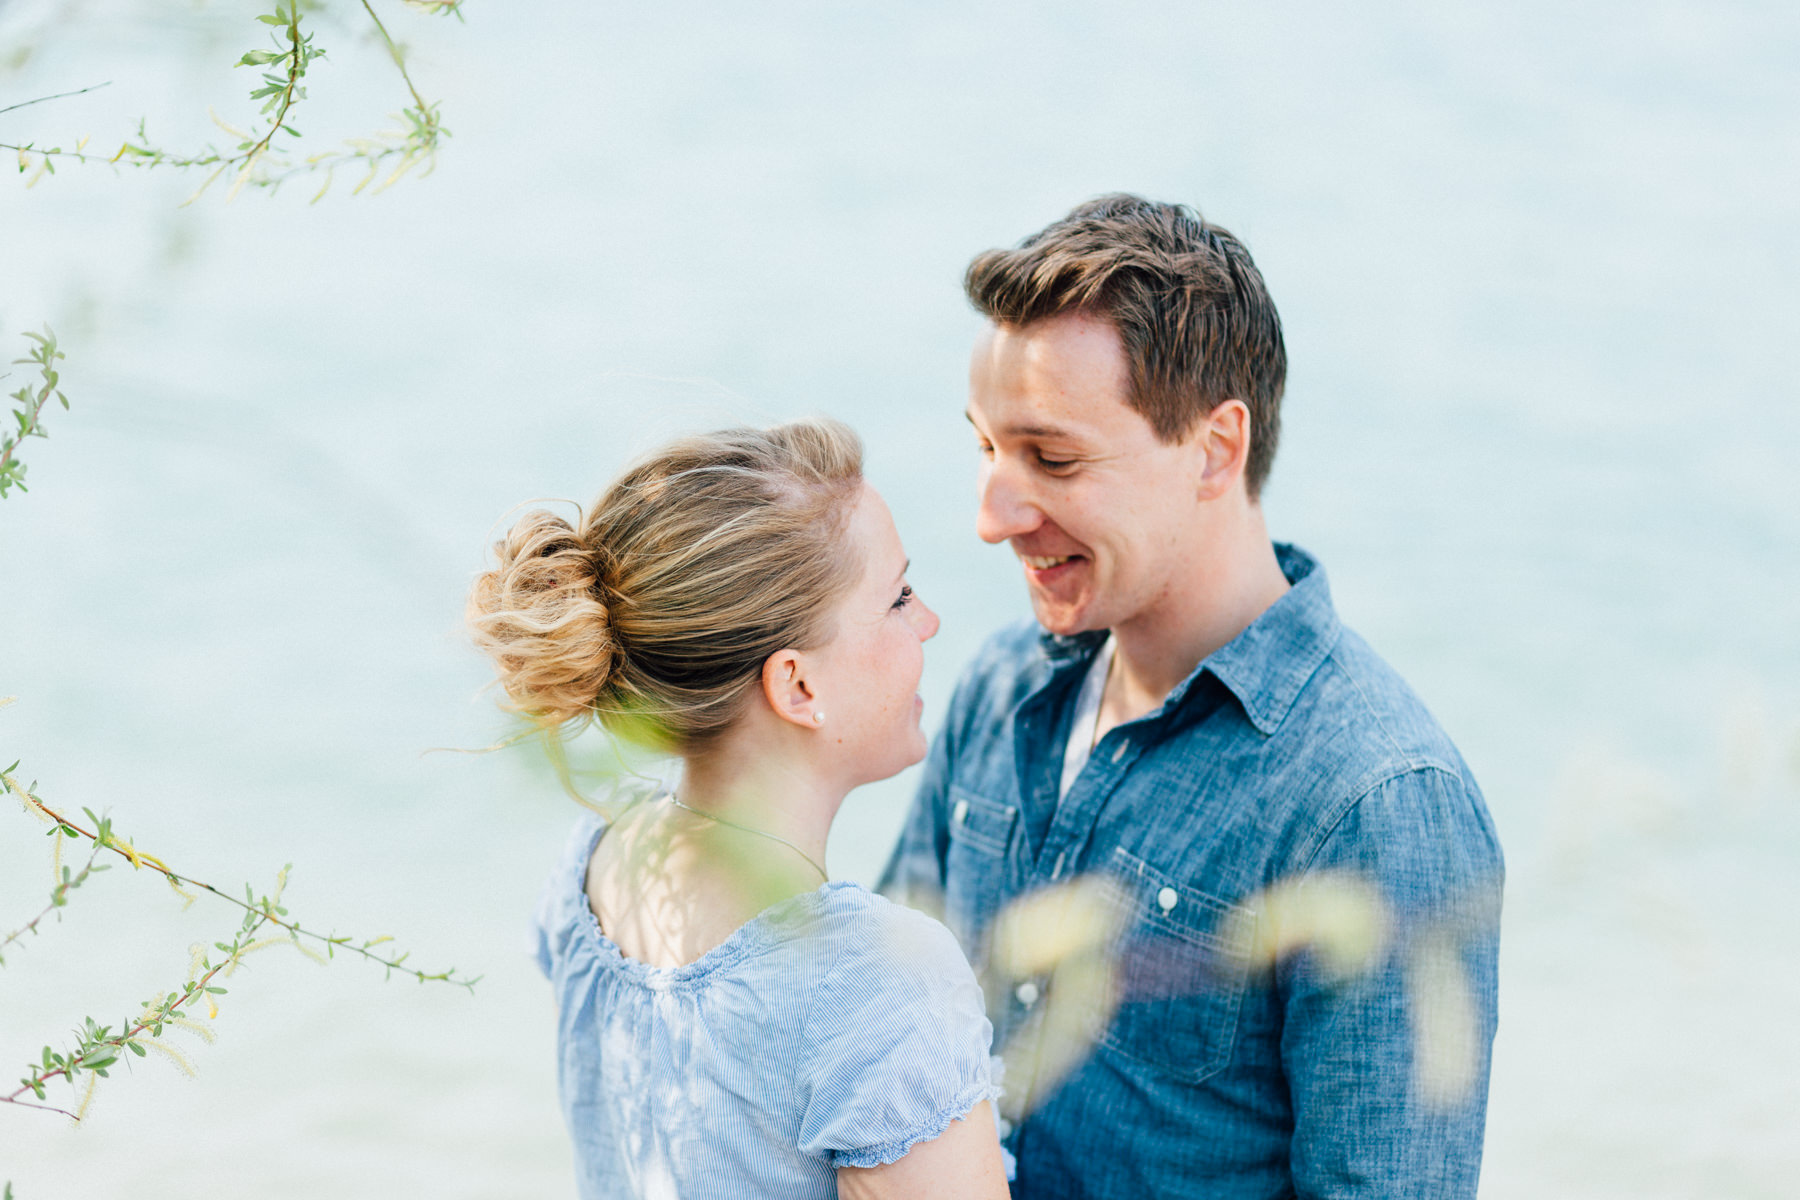 Annika & Matthias - Paarshooting am Strand 01